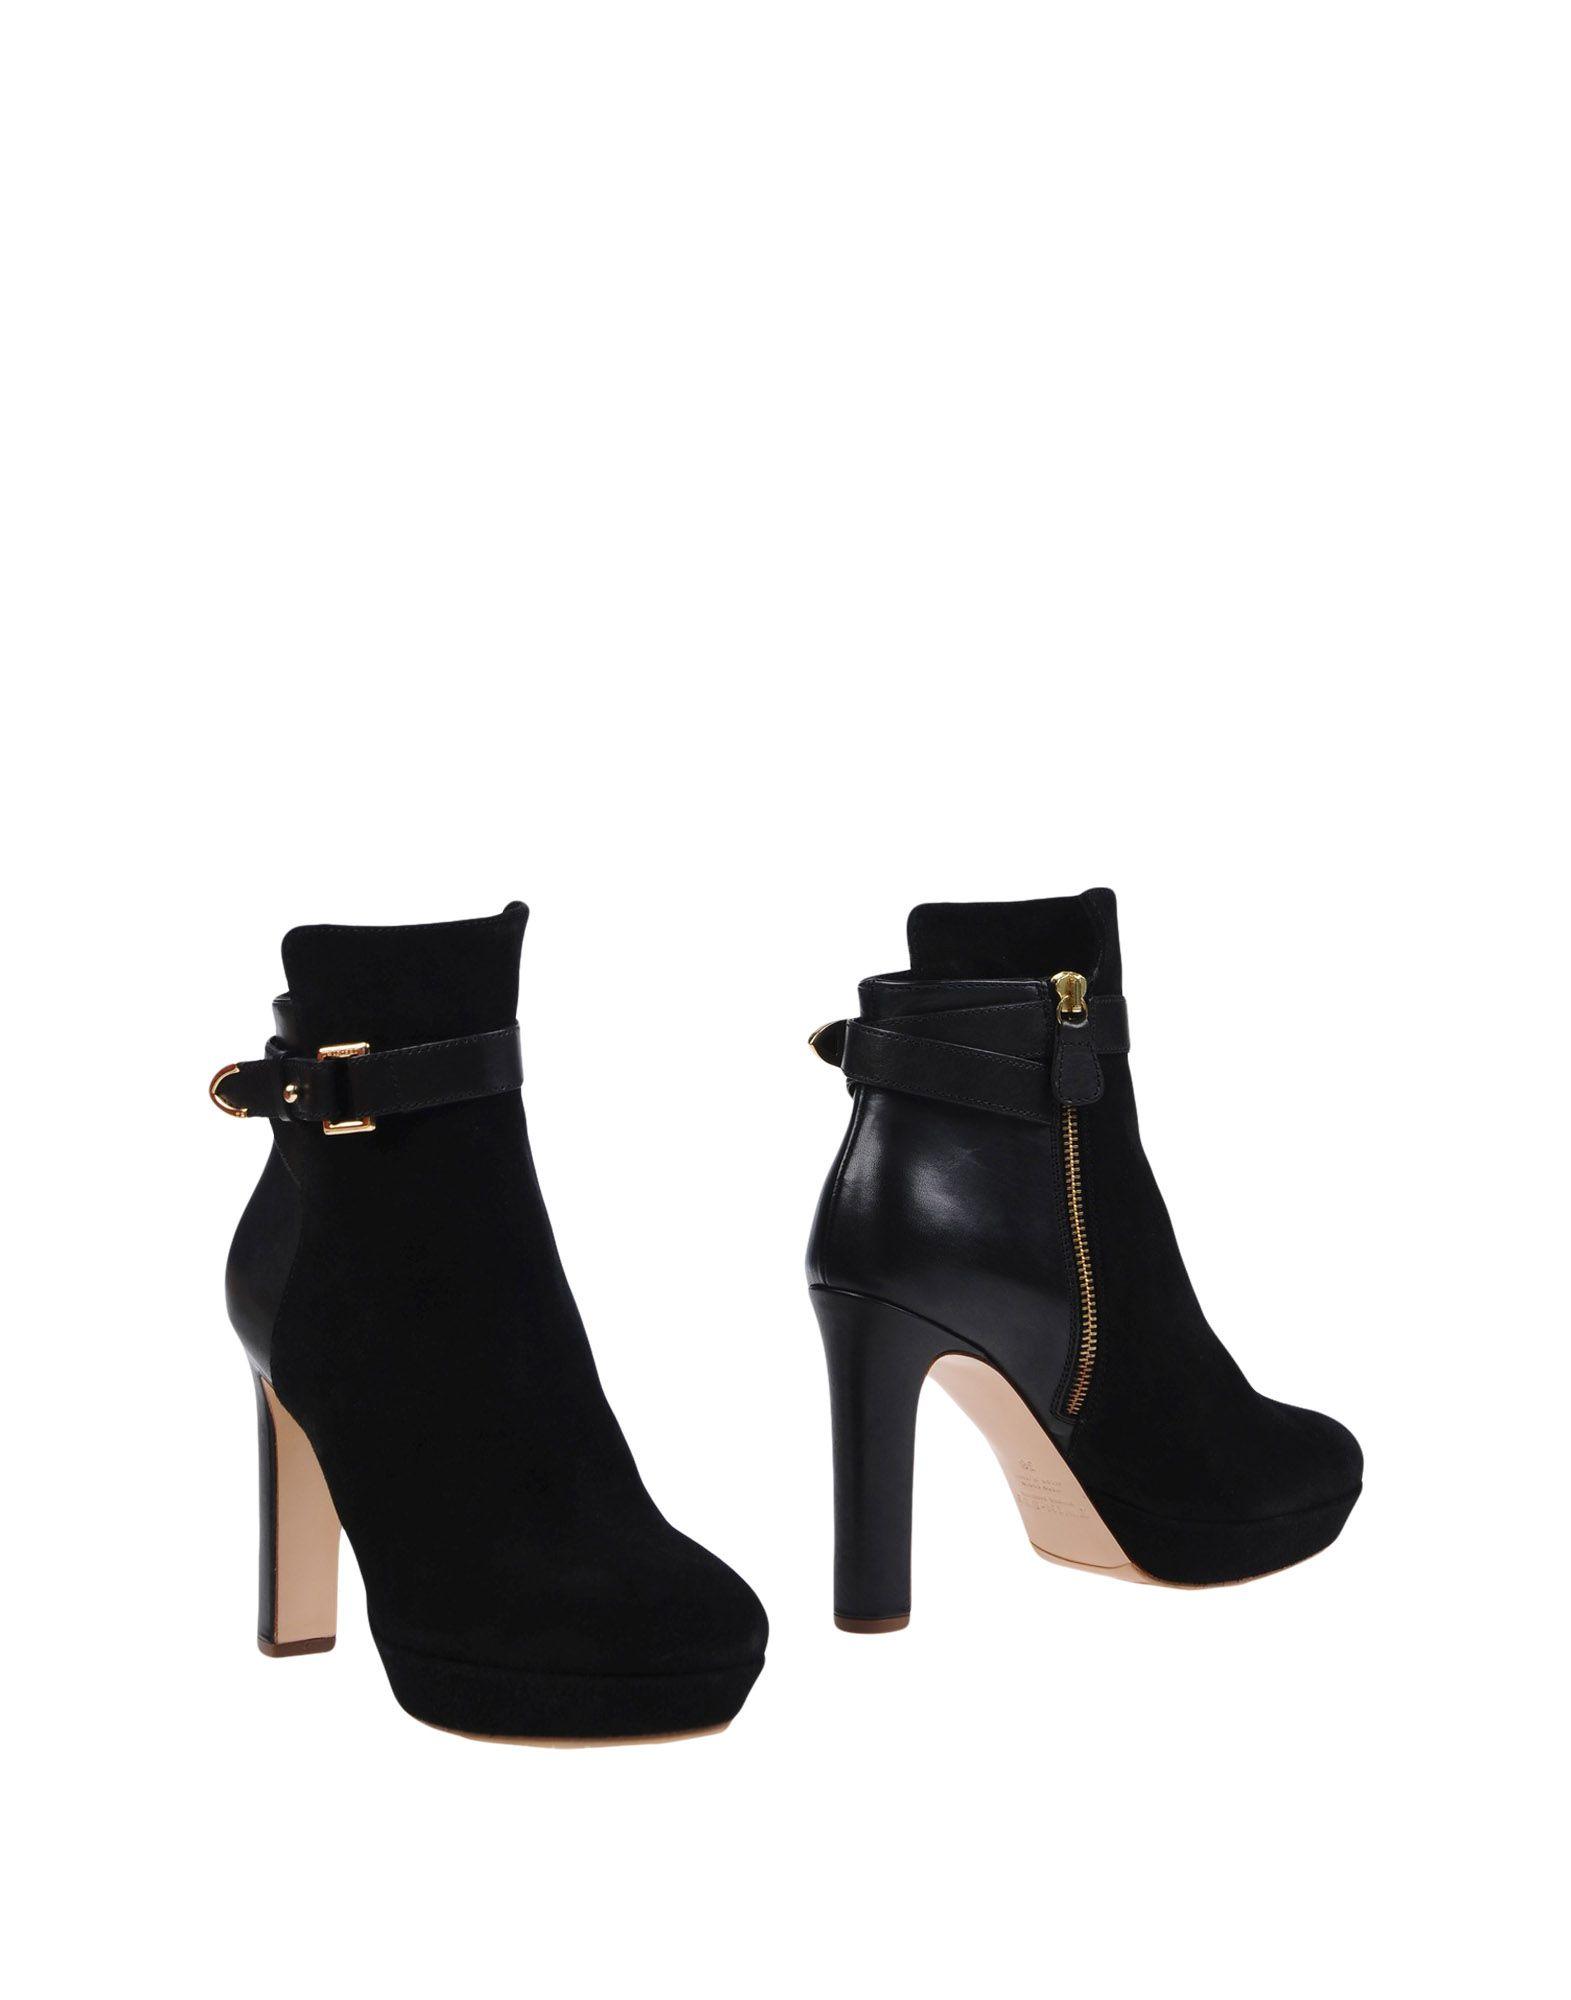 Haltbare Haltbare Haltbare Mode billige Schuhe Twin 11242939UC Beliebte Schuhe 8d4f21